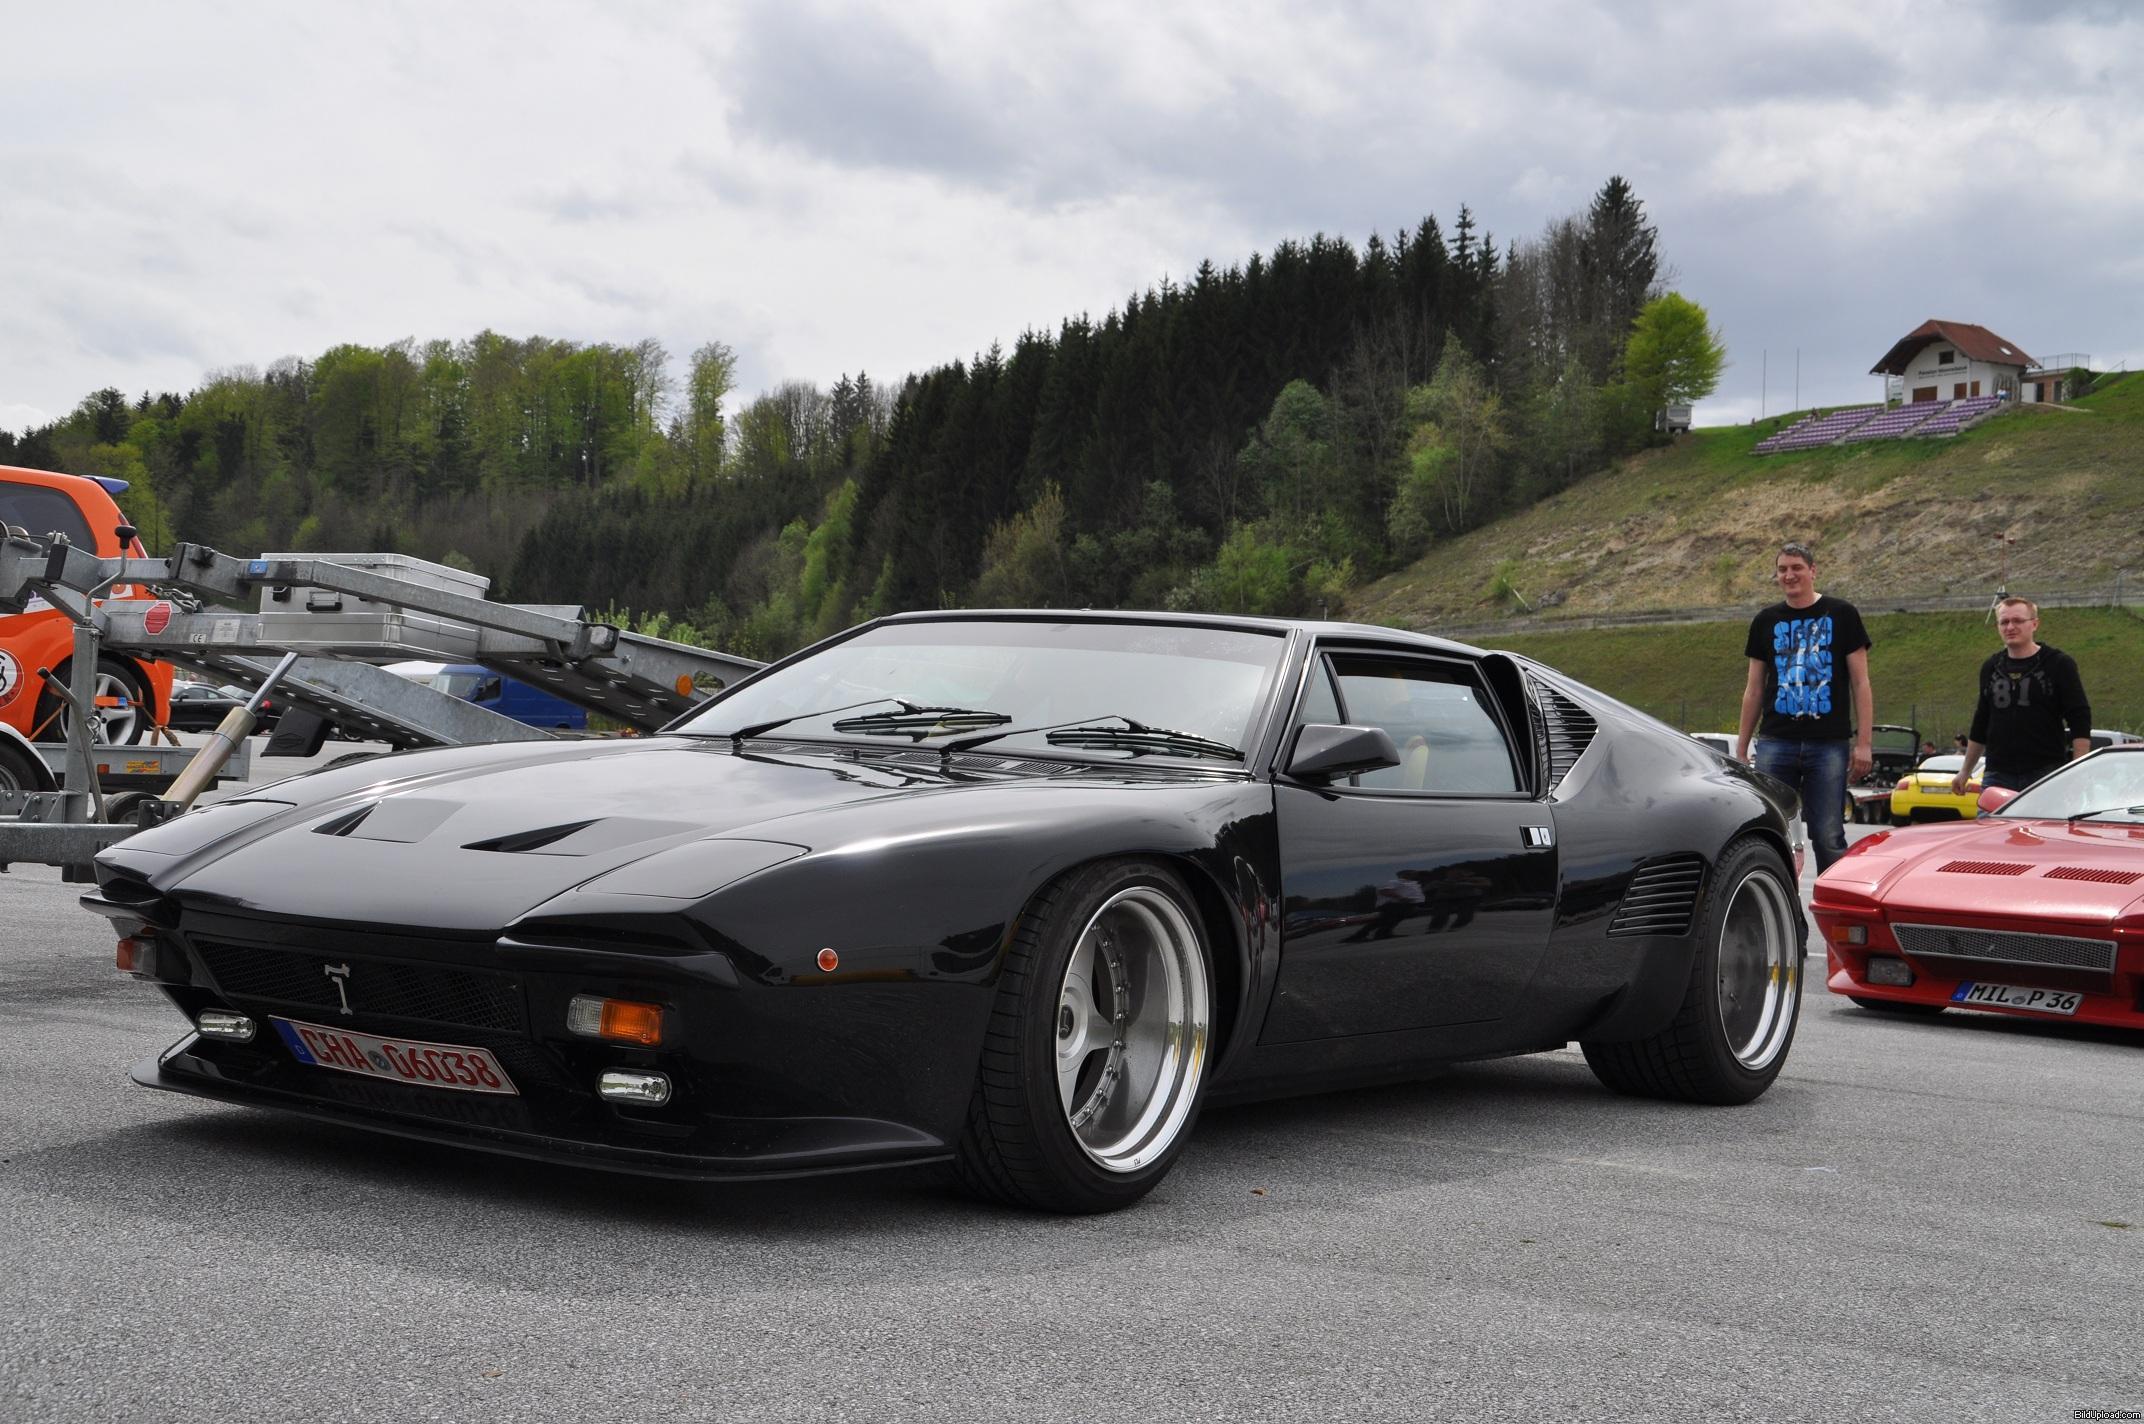 Ford Pantera For Sale >> De Tomaso Pantera supercar De-Tomaso y wallpaper | 2144x1424 | 180424 | WallpaperUP